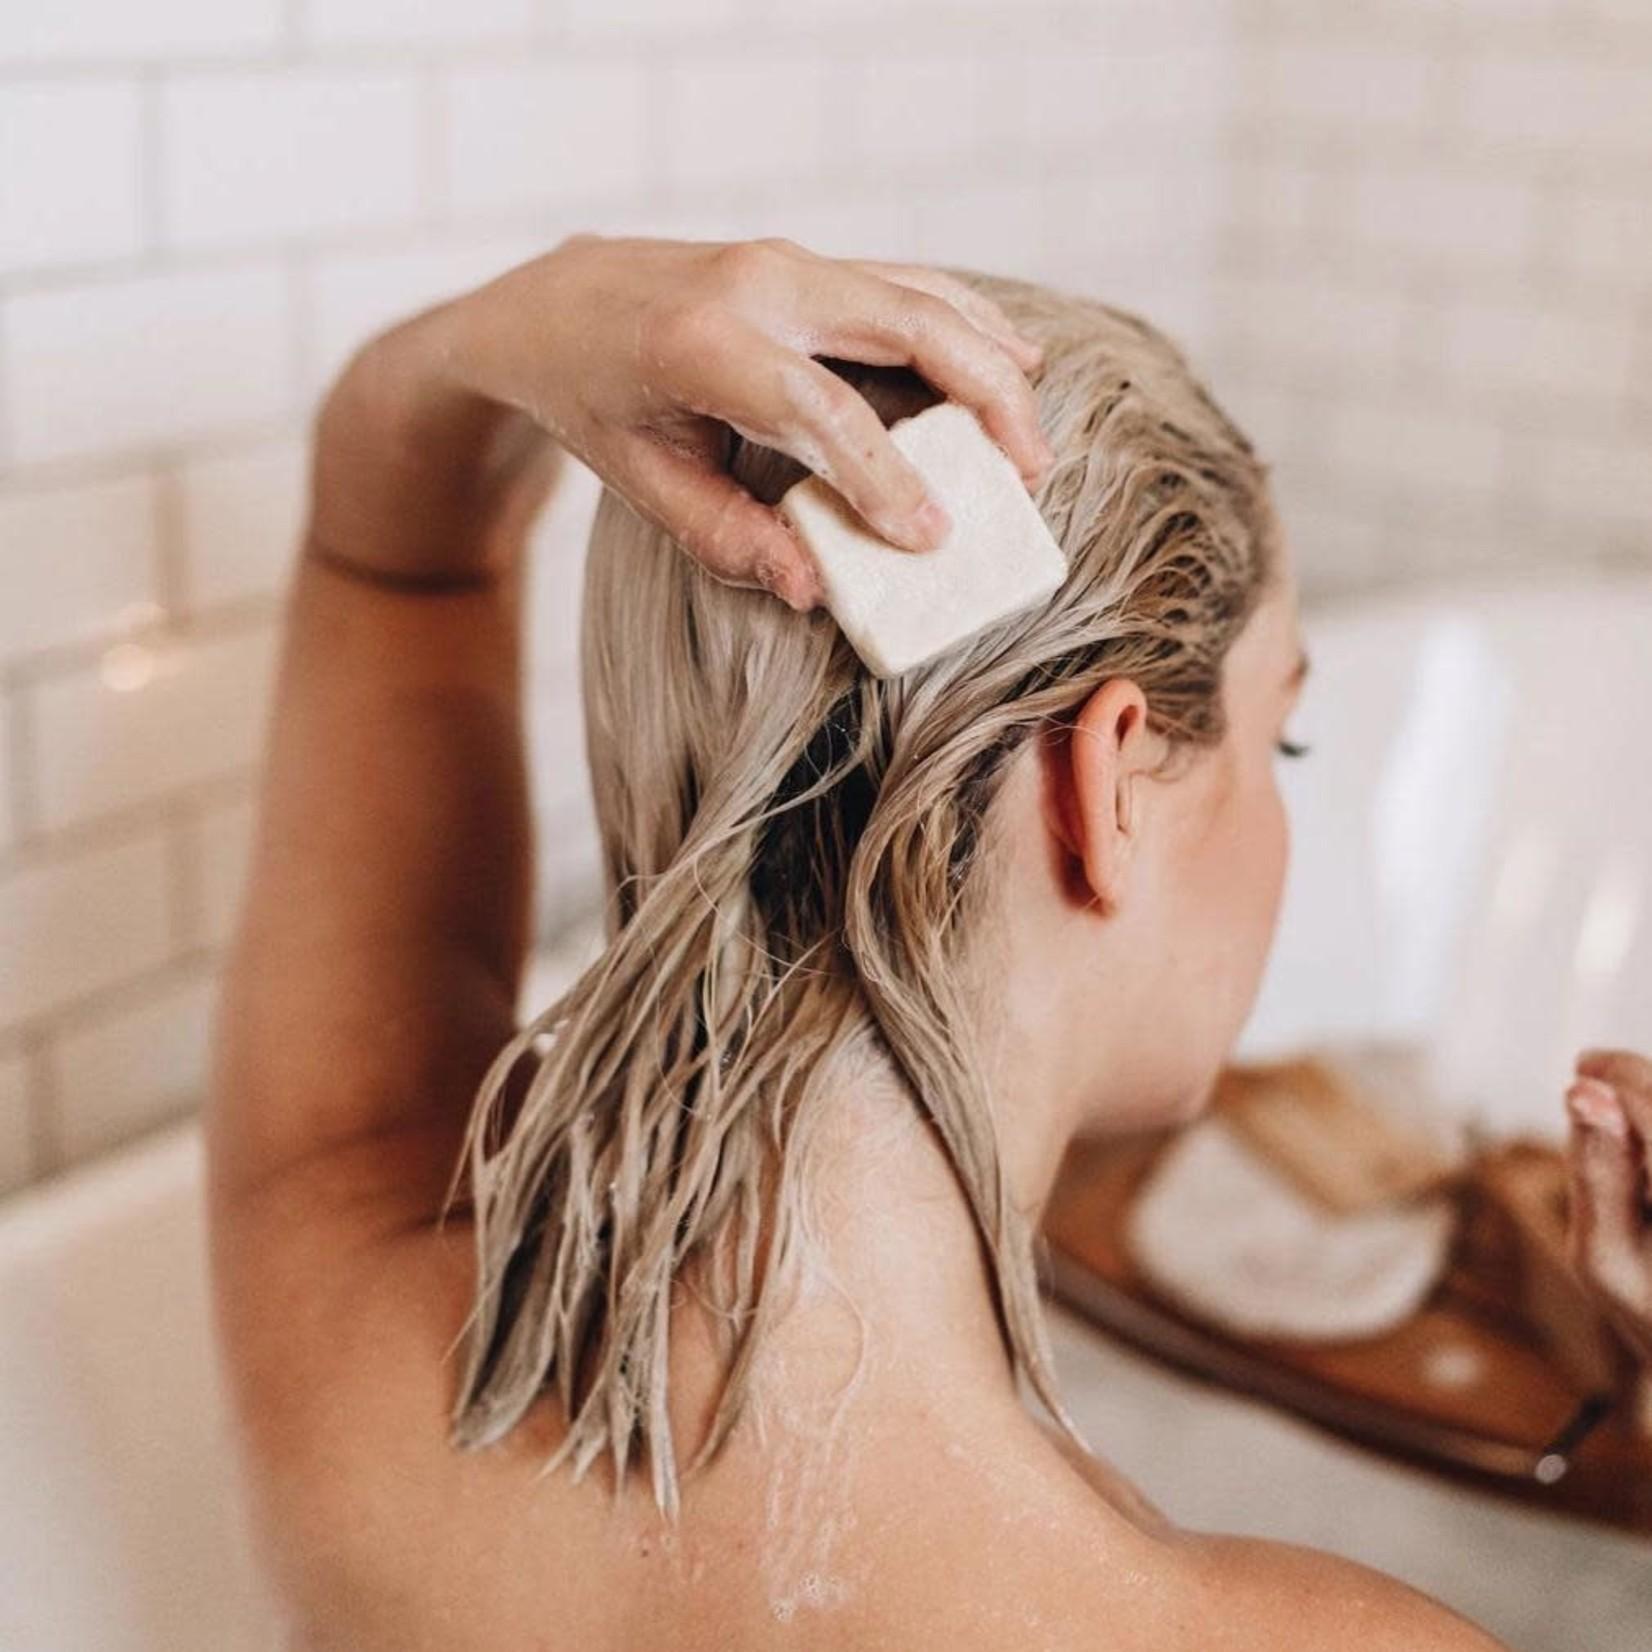 BKIND BKIND shampoing en barre